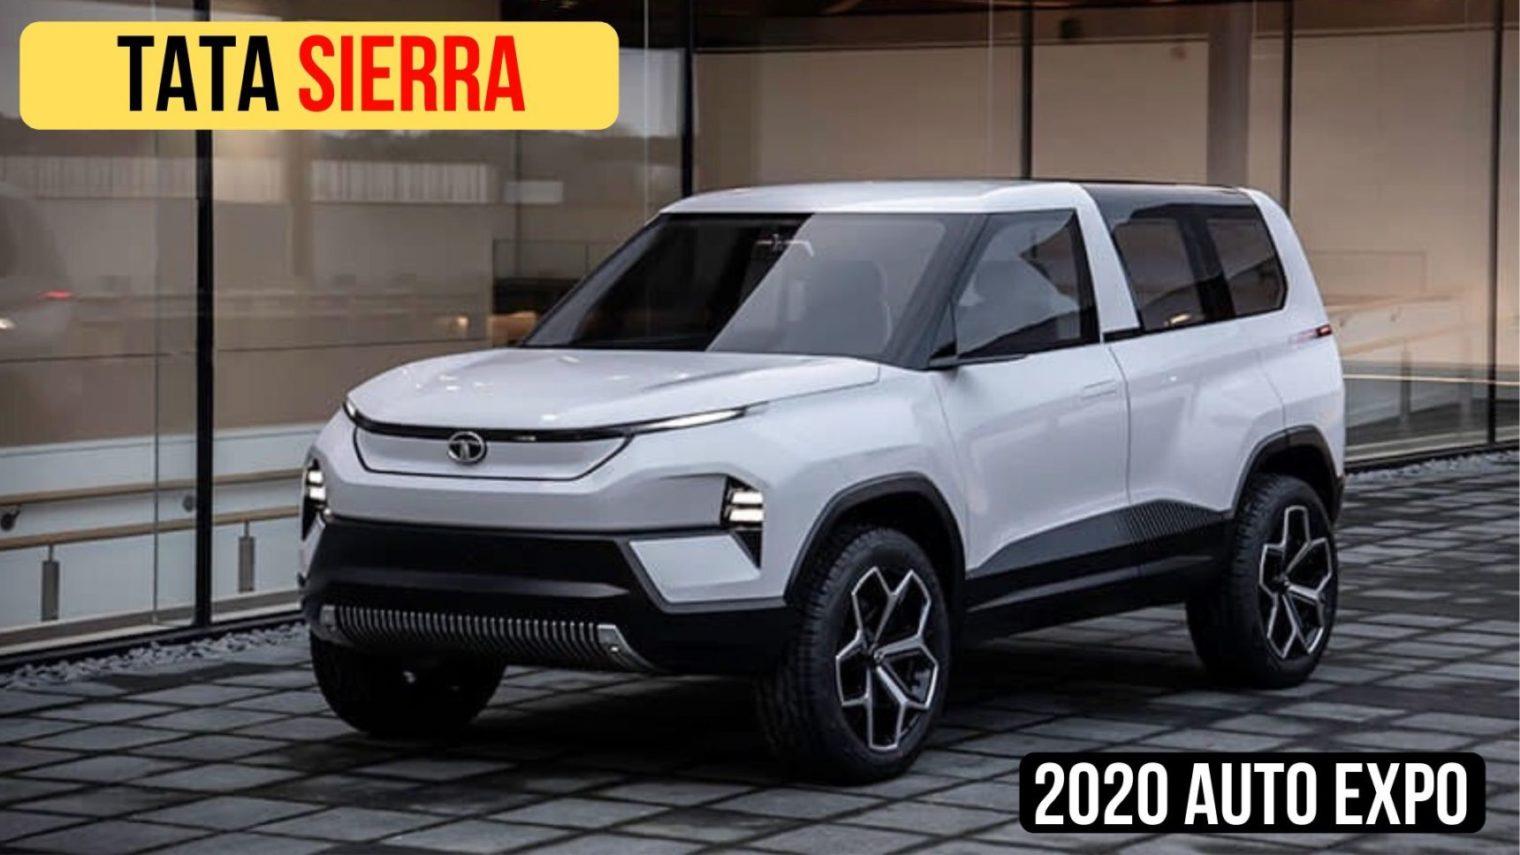 2021 Tata Sierra To Get Petrol & Diesel Engines, Hints Pratap Bose